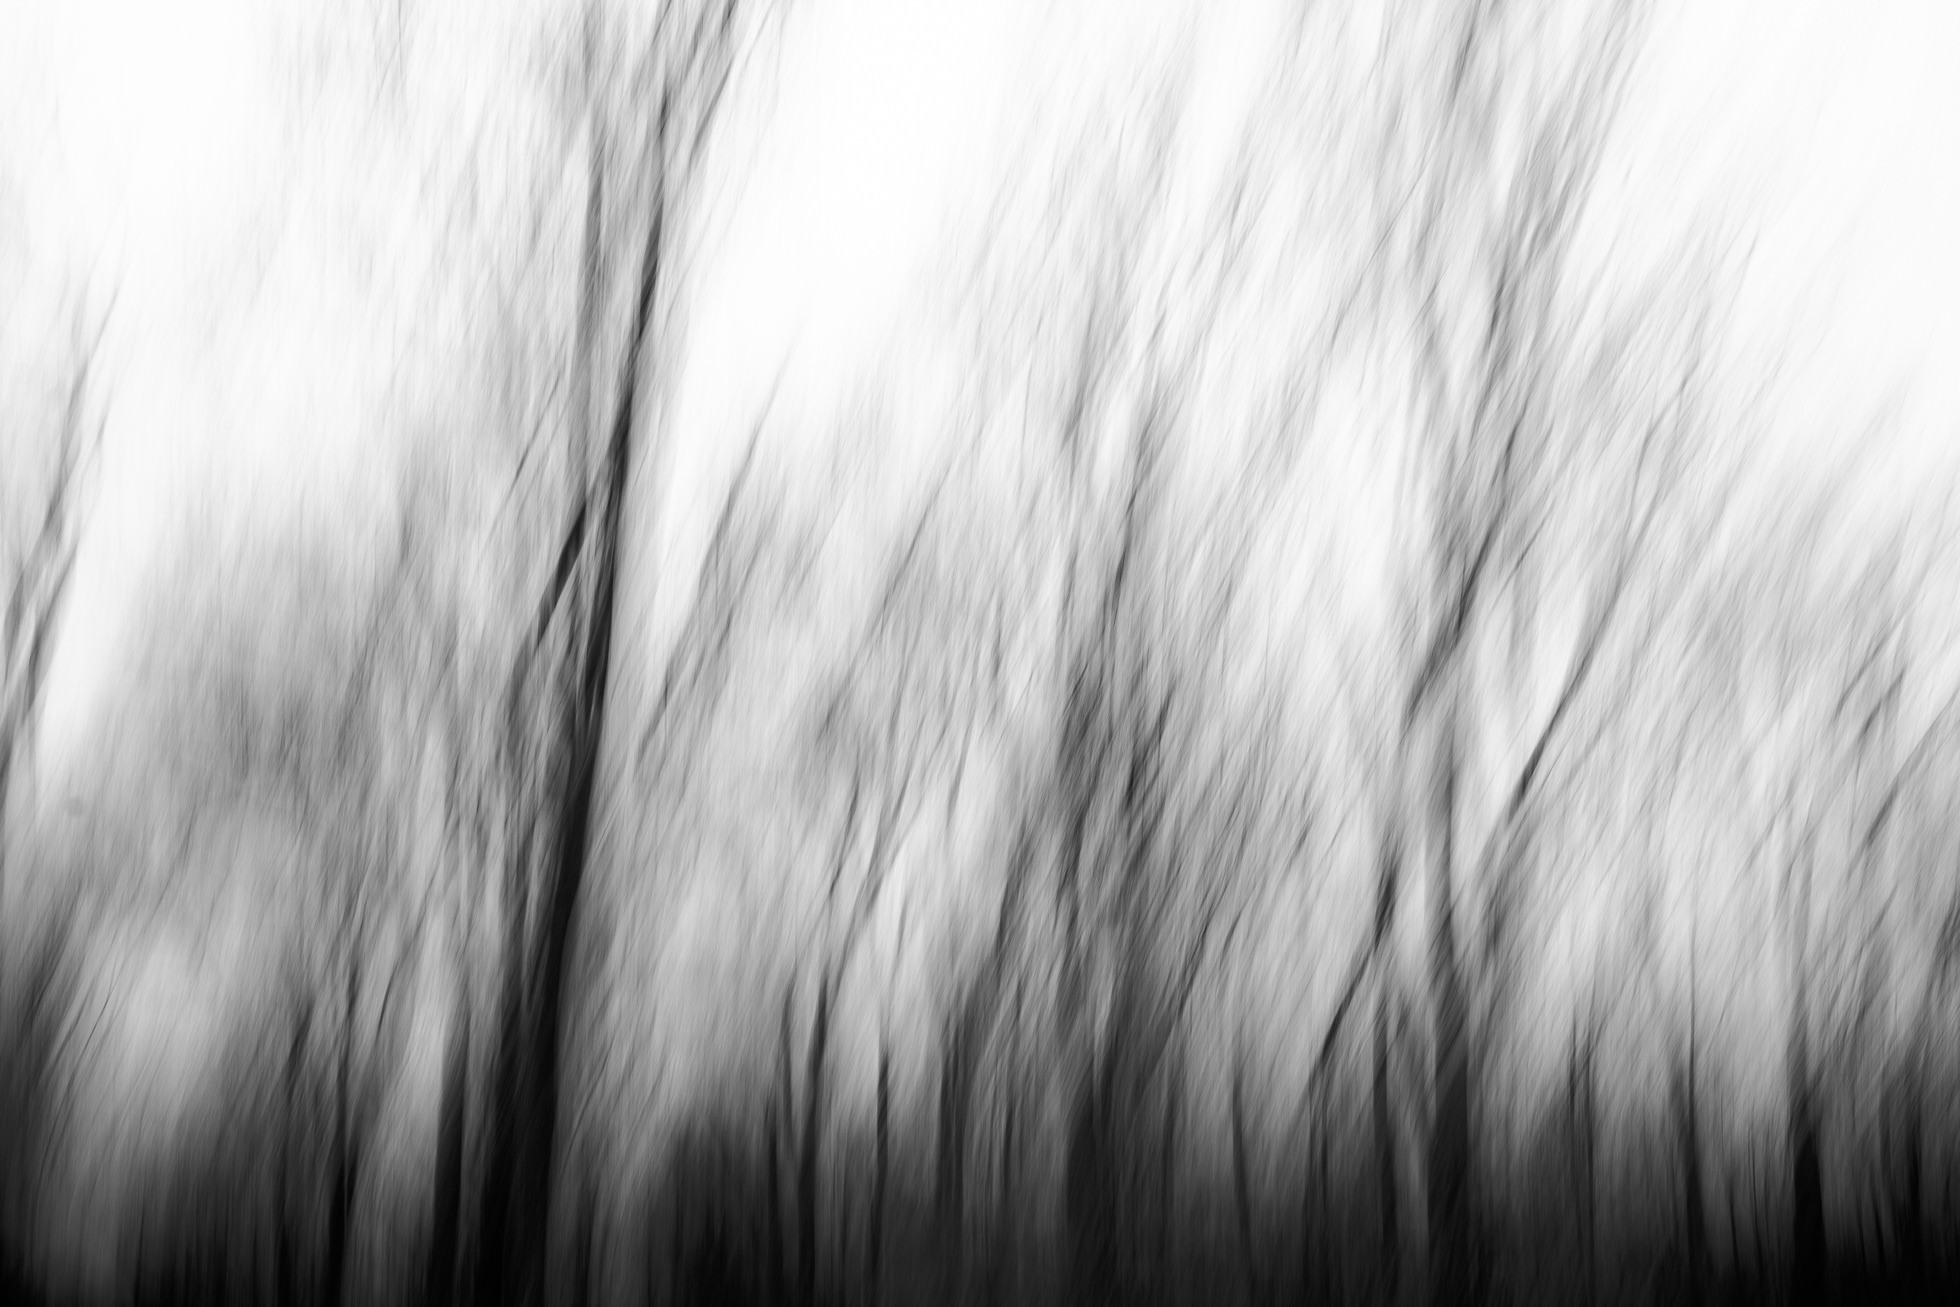 2018.01.12-Vertical-Panning--Jennifer-Carr-Photography-Virginia-Beach-3.jpg